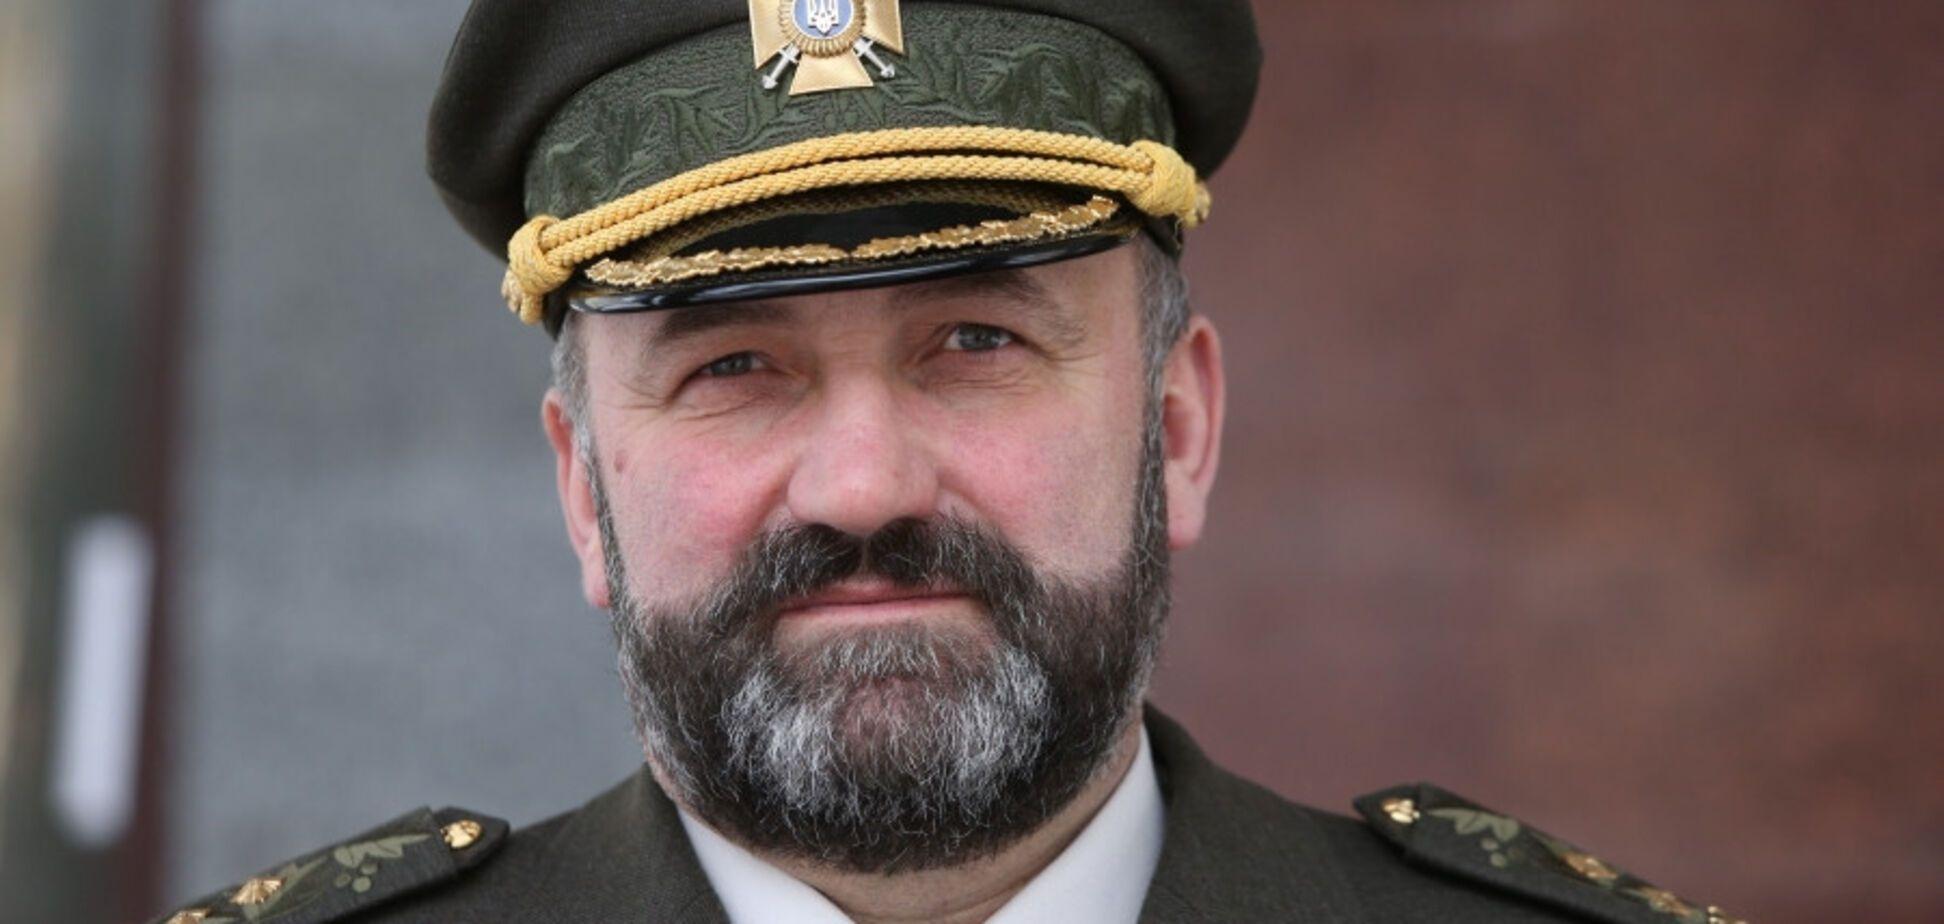 Турчинов закликав українців допомогти зібрати кошти на заставу для бойового генерала: вірю, що ми можемо